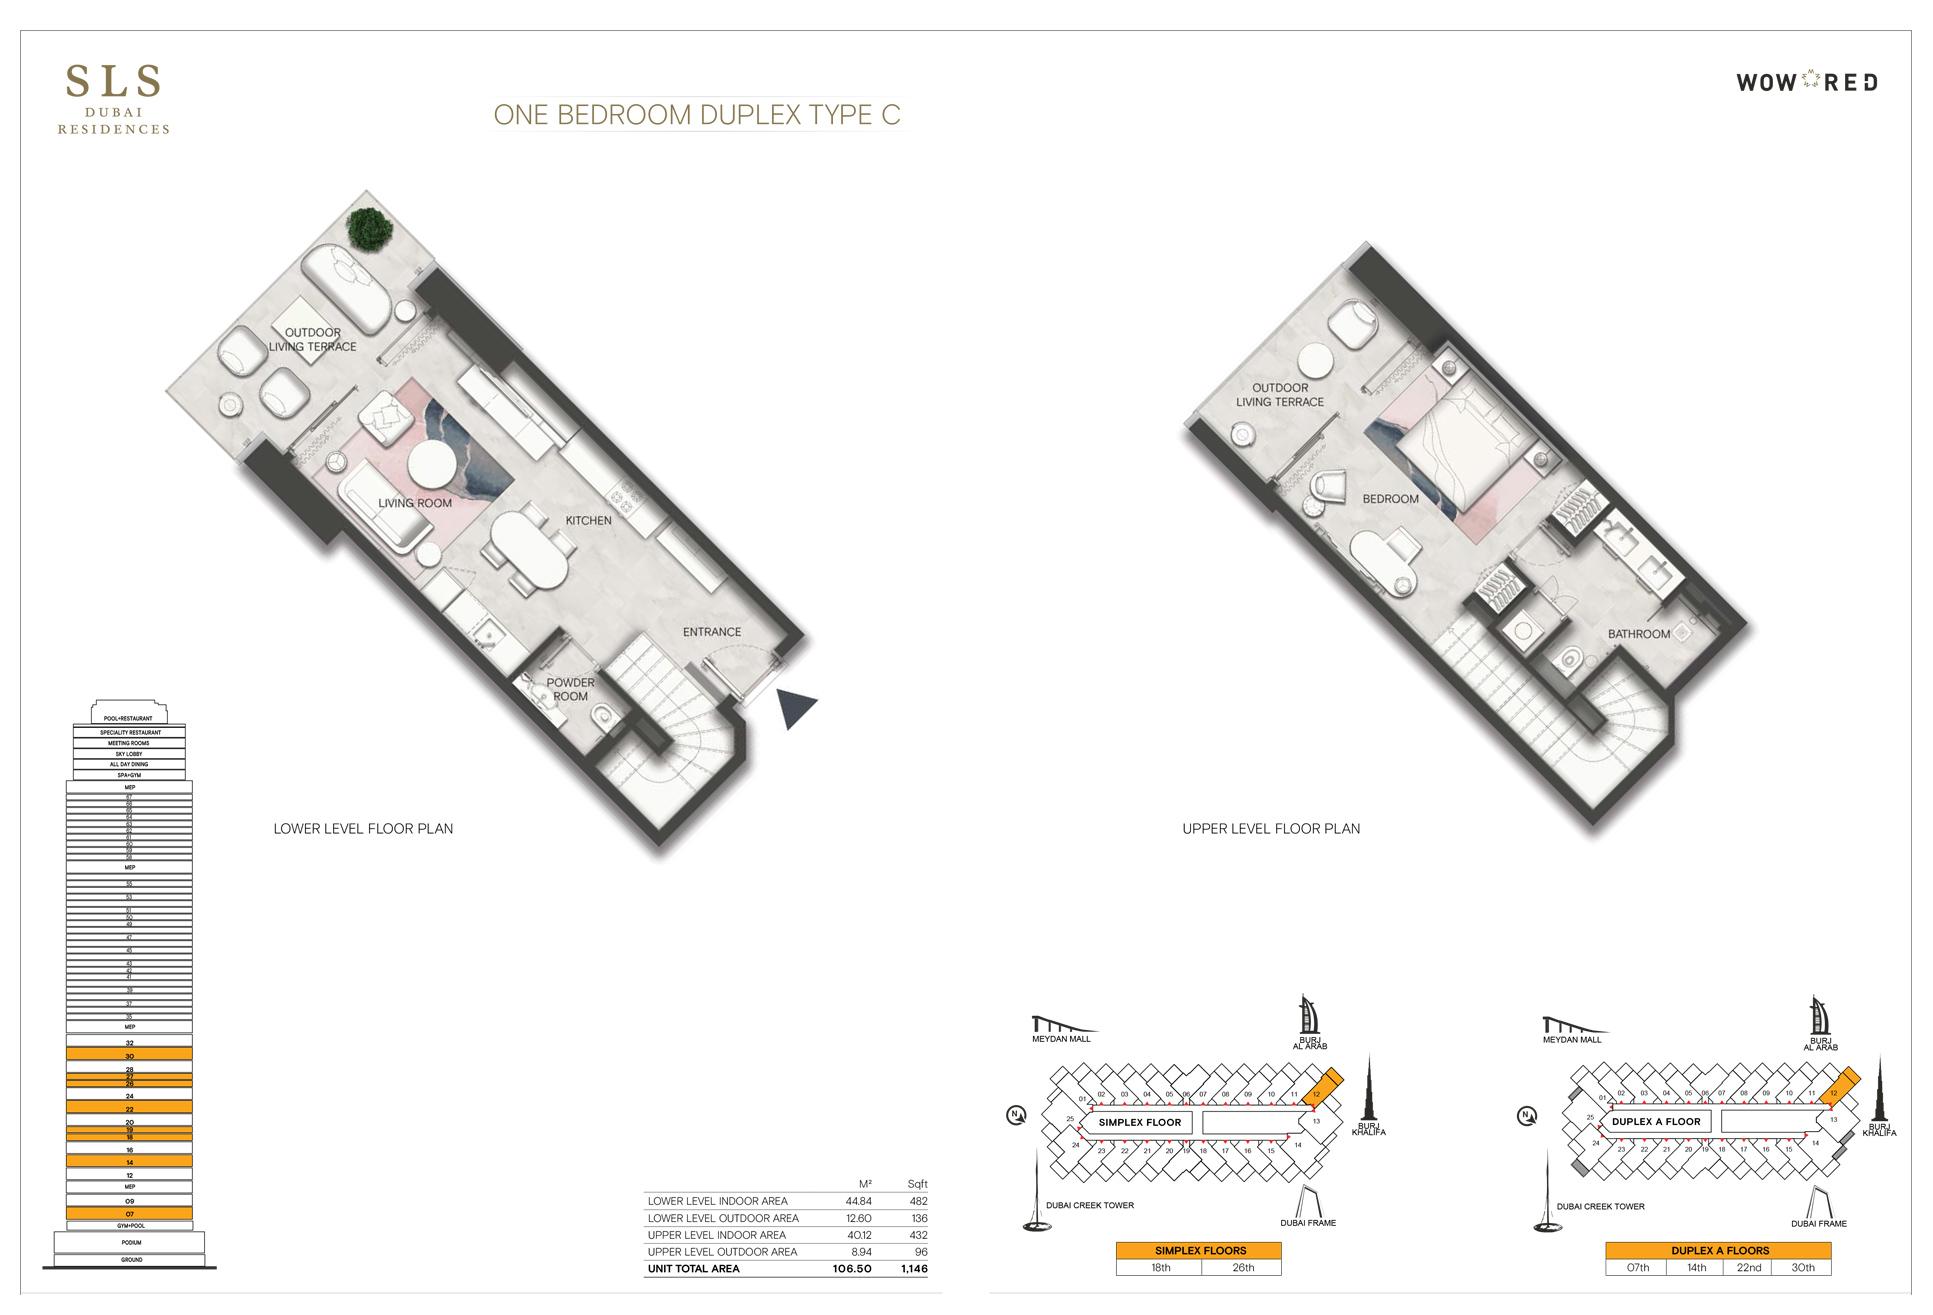 1 Bedroom Duplex Type C Size 1146 sq.ft